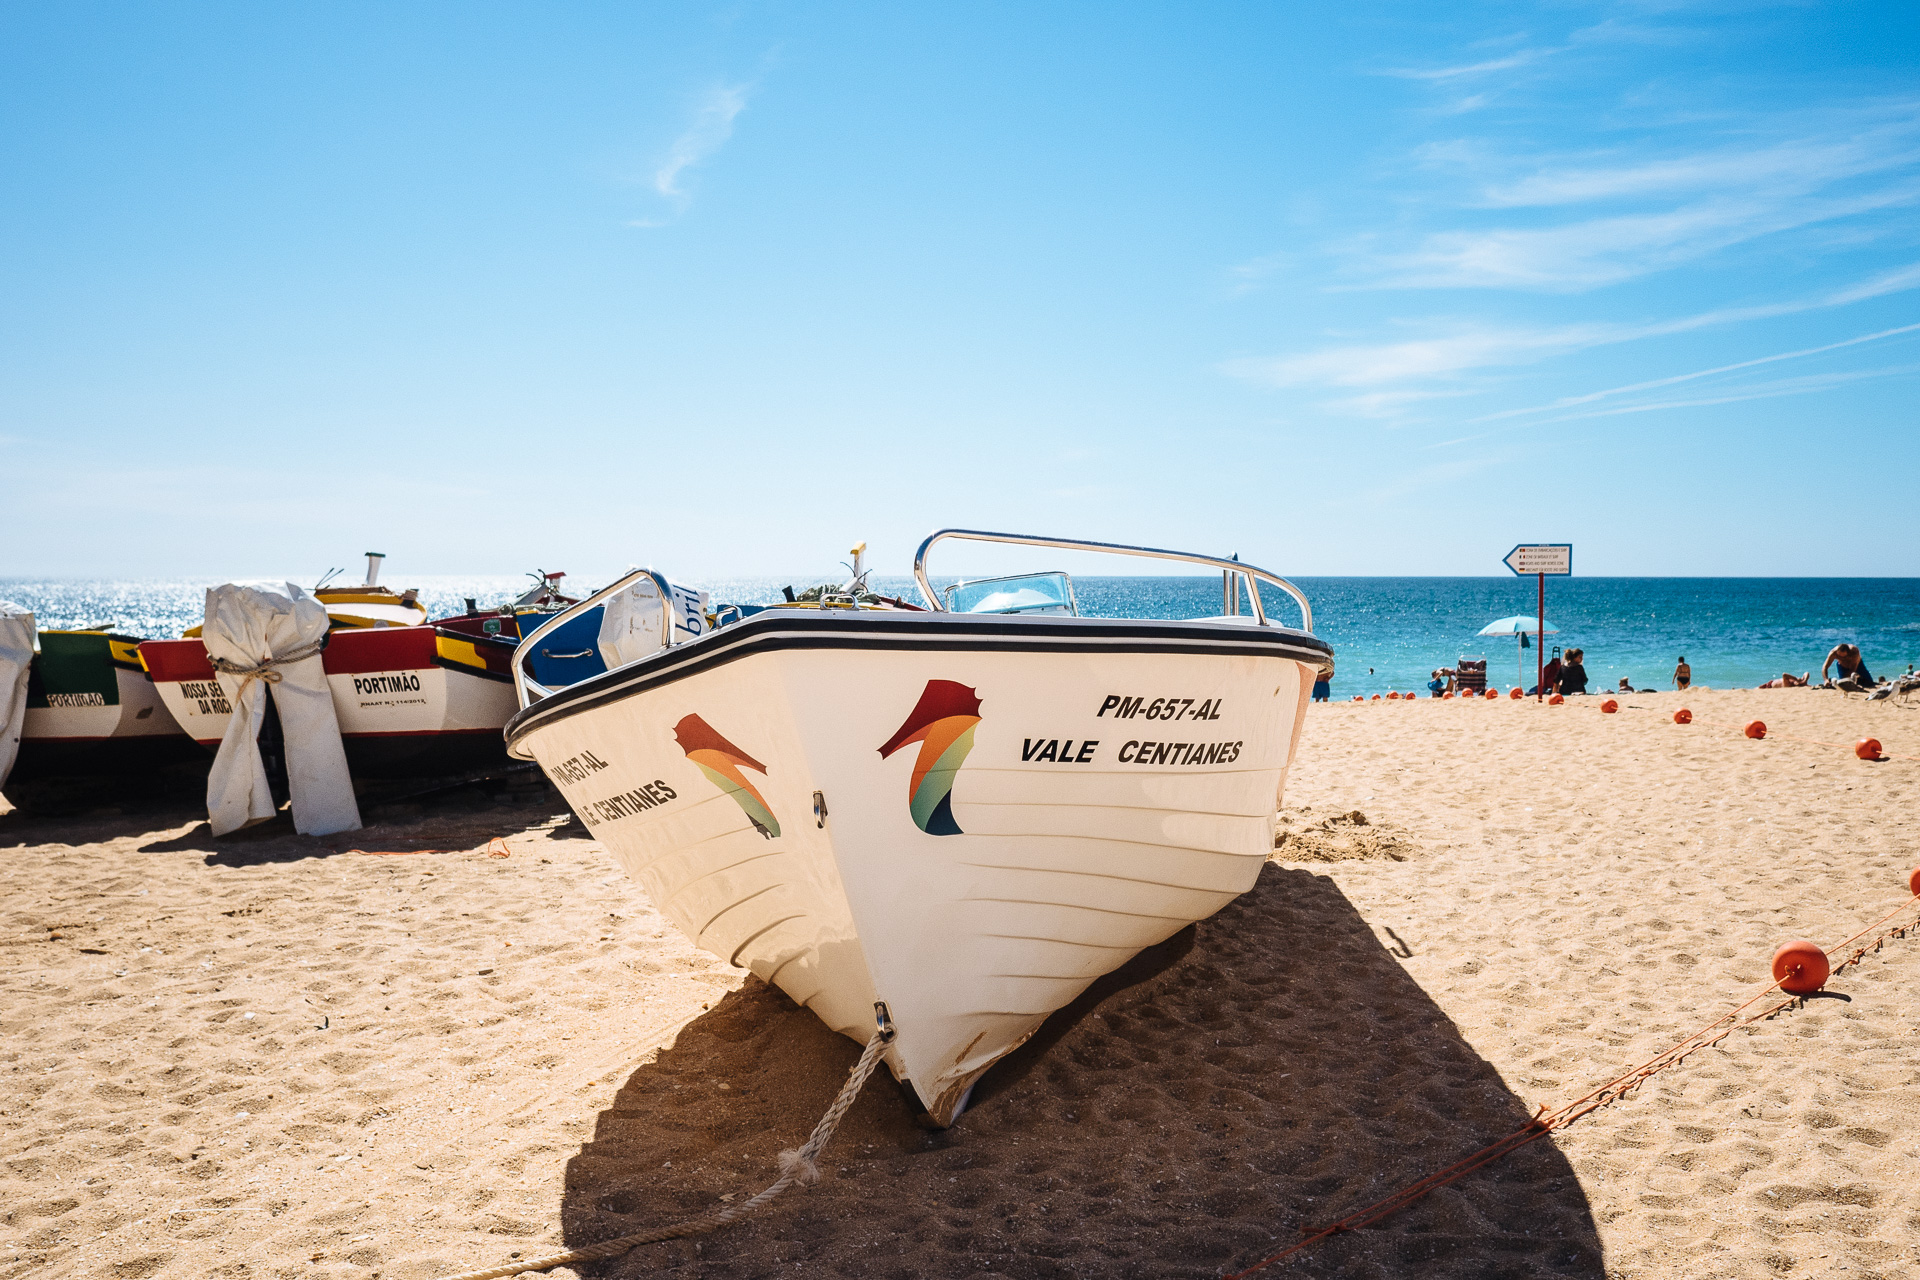 En Octobre Jai Profit Dune Invitation De LOffice Du Tourisme Portugal Pour Dcouvrir Mes Yeux Cette Rgion Que Je Ne Connaissais